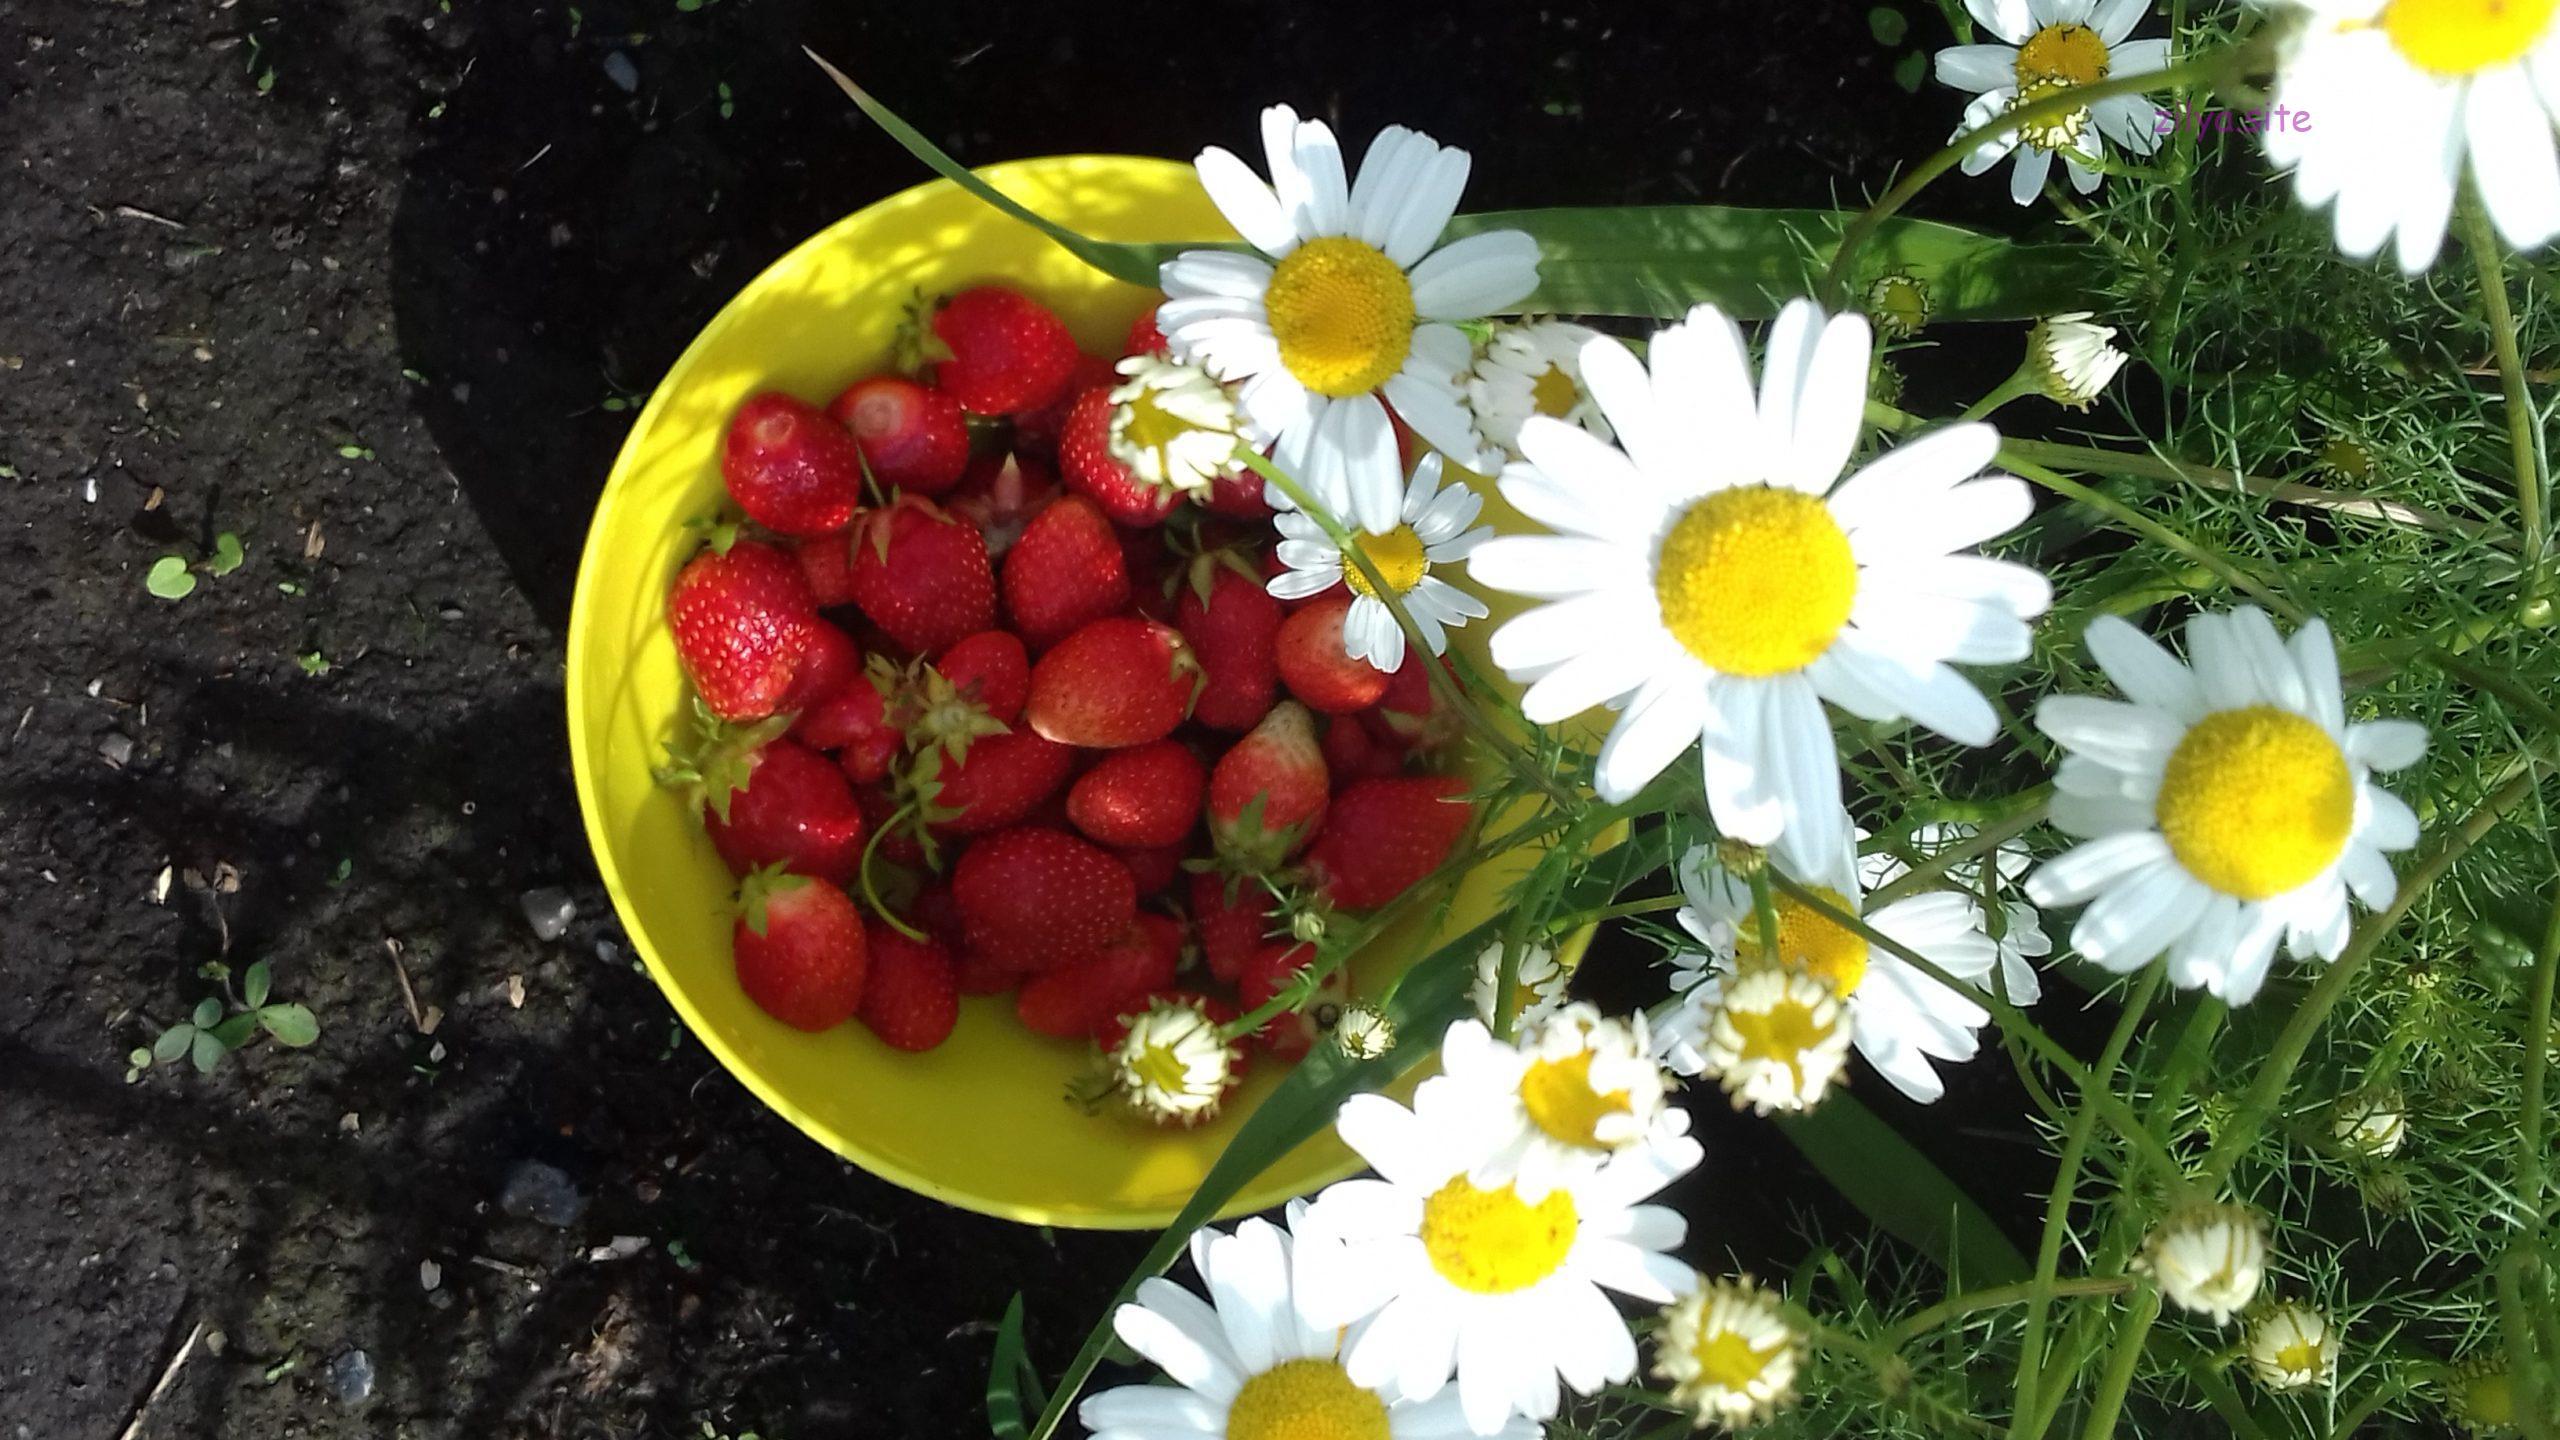 Как можно увеличить урожай клубники на своём участке